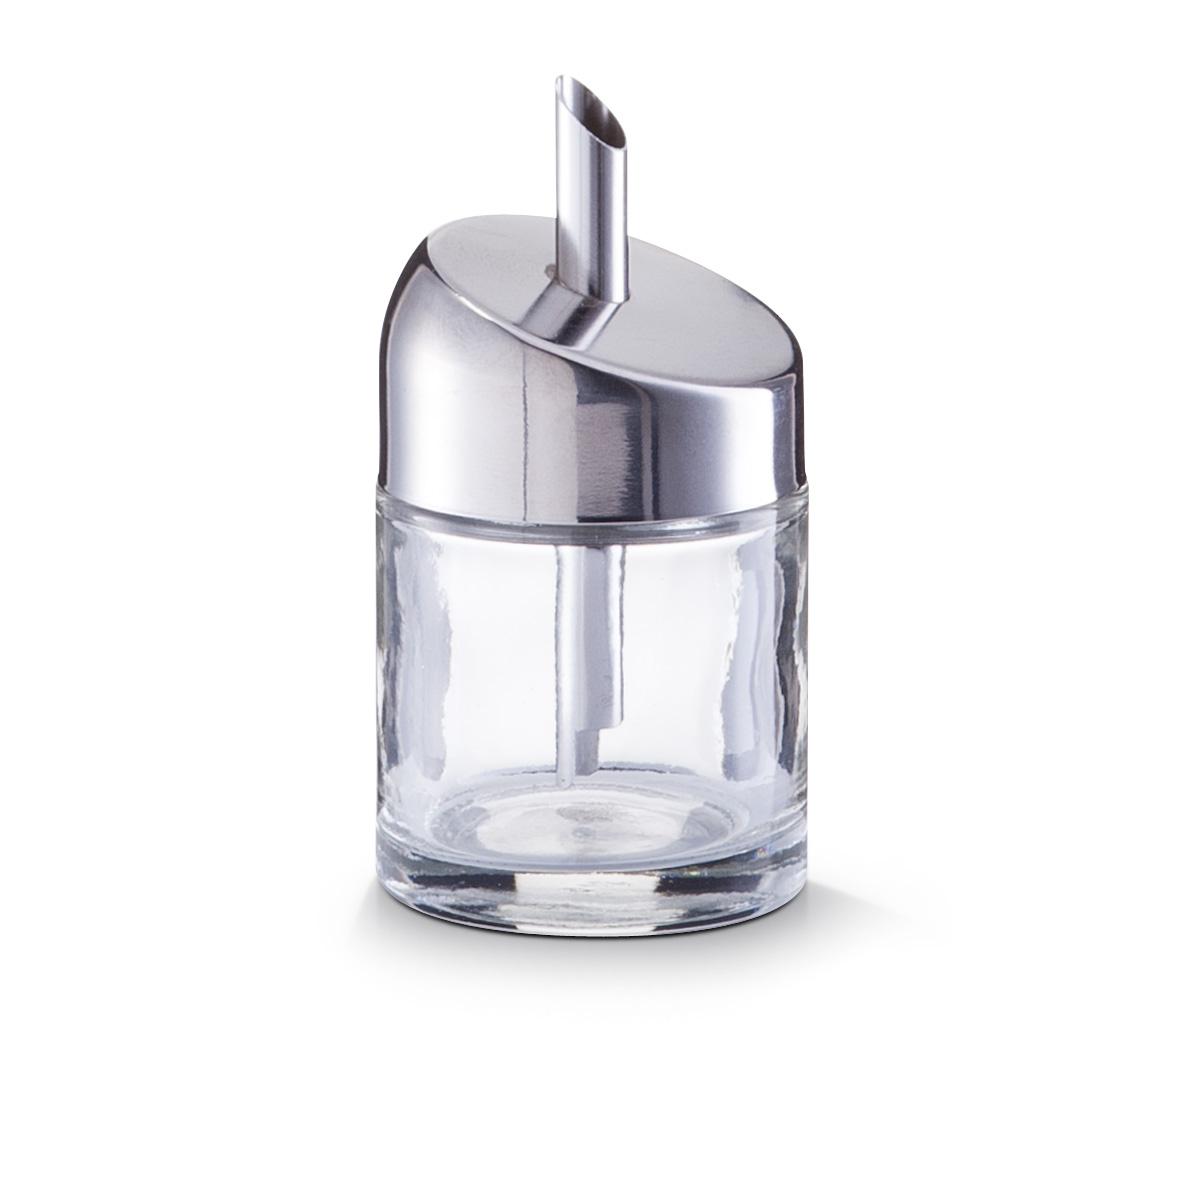 Емкость для сахараЕмкость для сахара станет одной из тех незаменимых мелочей, которые делают вашу жизнь проще и комфортнее. Представленная модель изготавливается из прочного стекла, которое обладает высокой устойчивостью к случайным повреждениям. Особенности материала исключают возникновение царапин и потертостей даже после длительного регулярного использования. Плотно закрывающаяся крышка не допускает просыпания сахара, а специальный дозатор позволит точно и аккуратно отмерить необходимое количество продукта.<br>